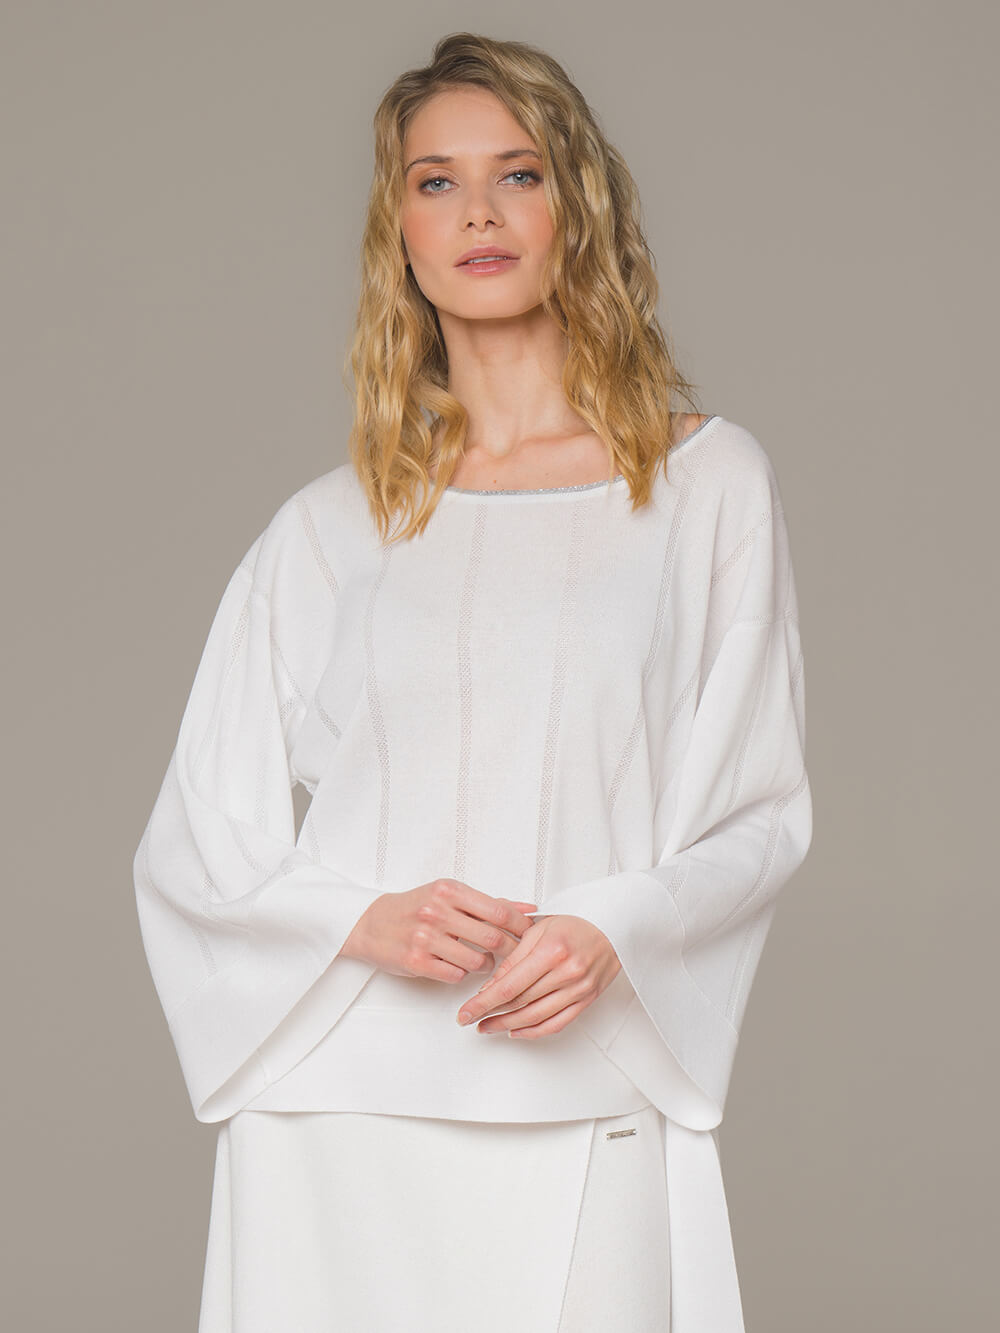 Женский свободный джемпер белого цвета - фото 1